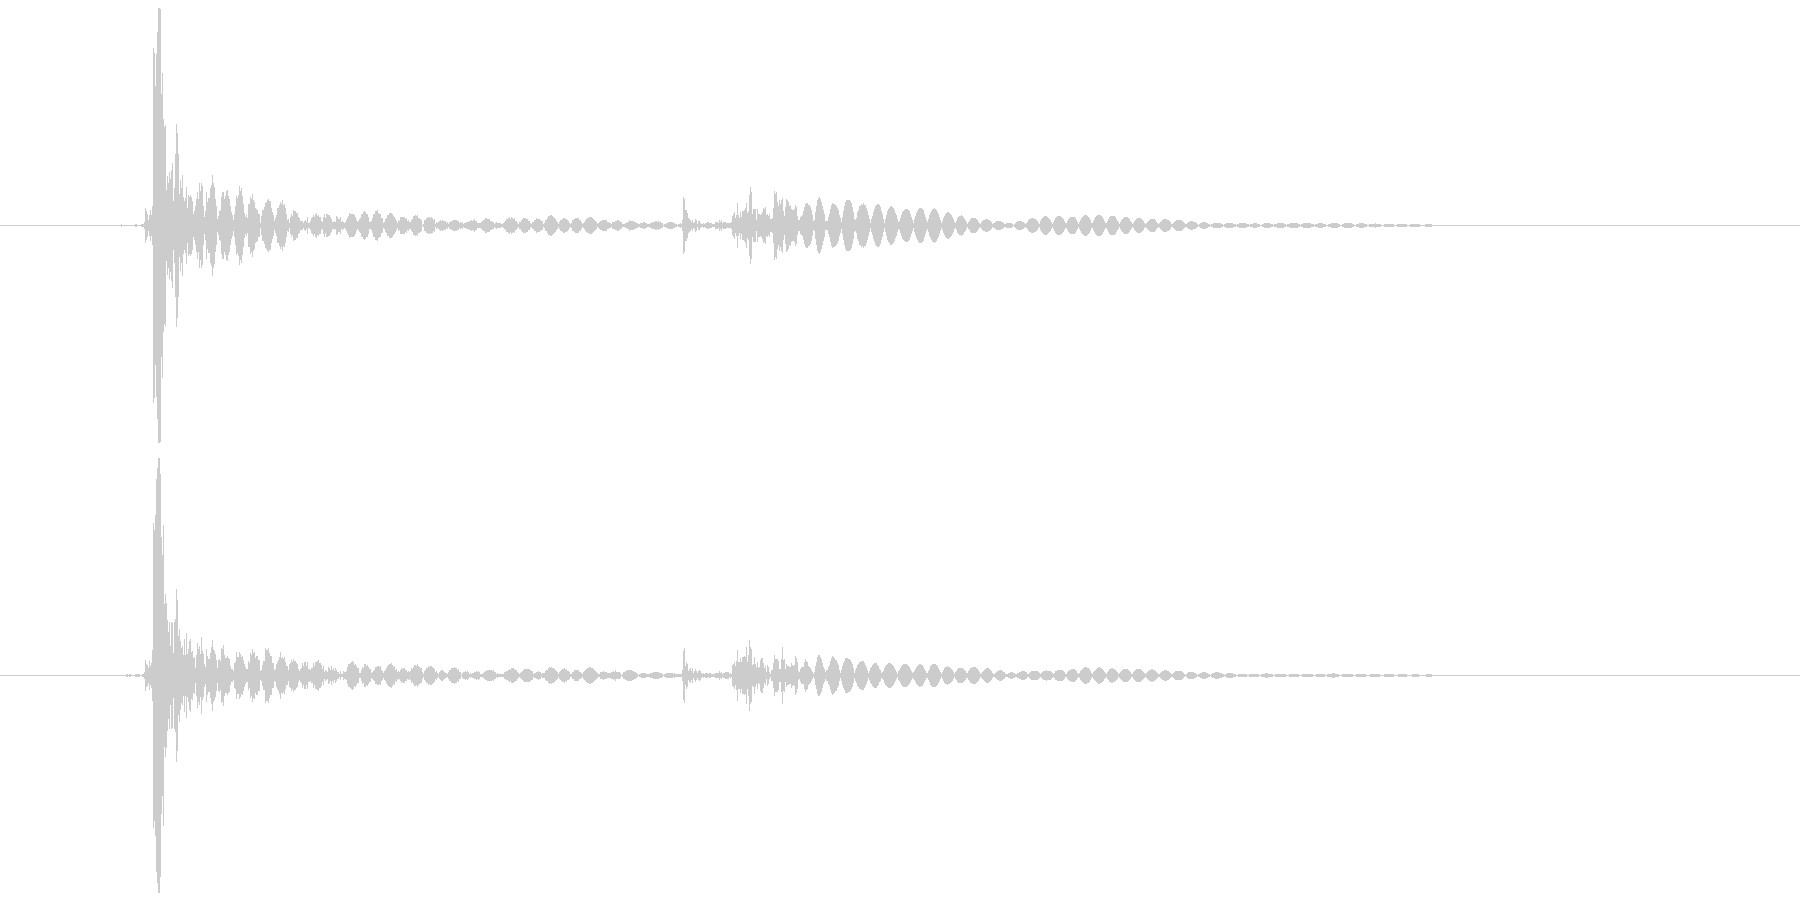 キーボード 一打C 文字キー風 (生音)の未再生の波形